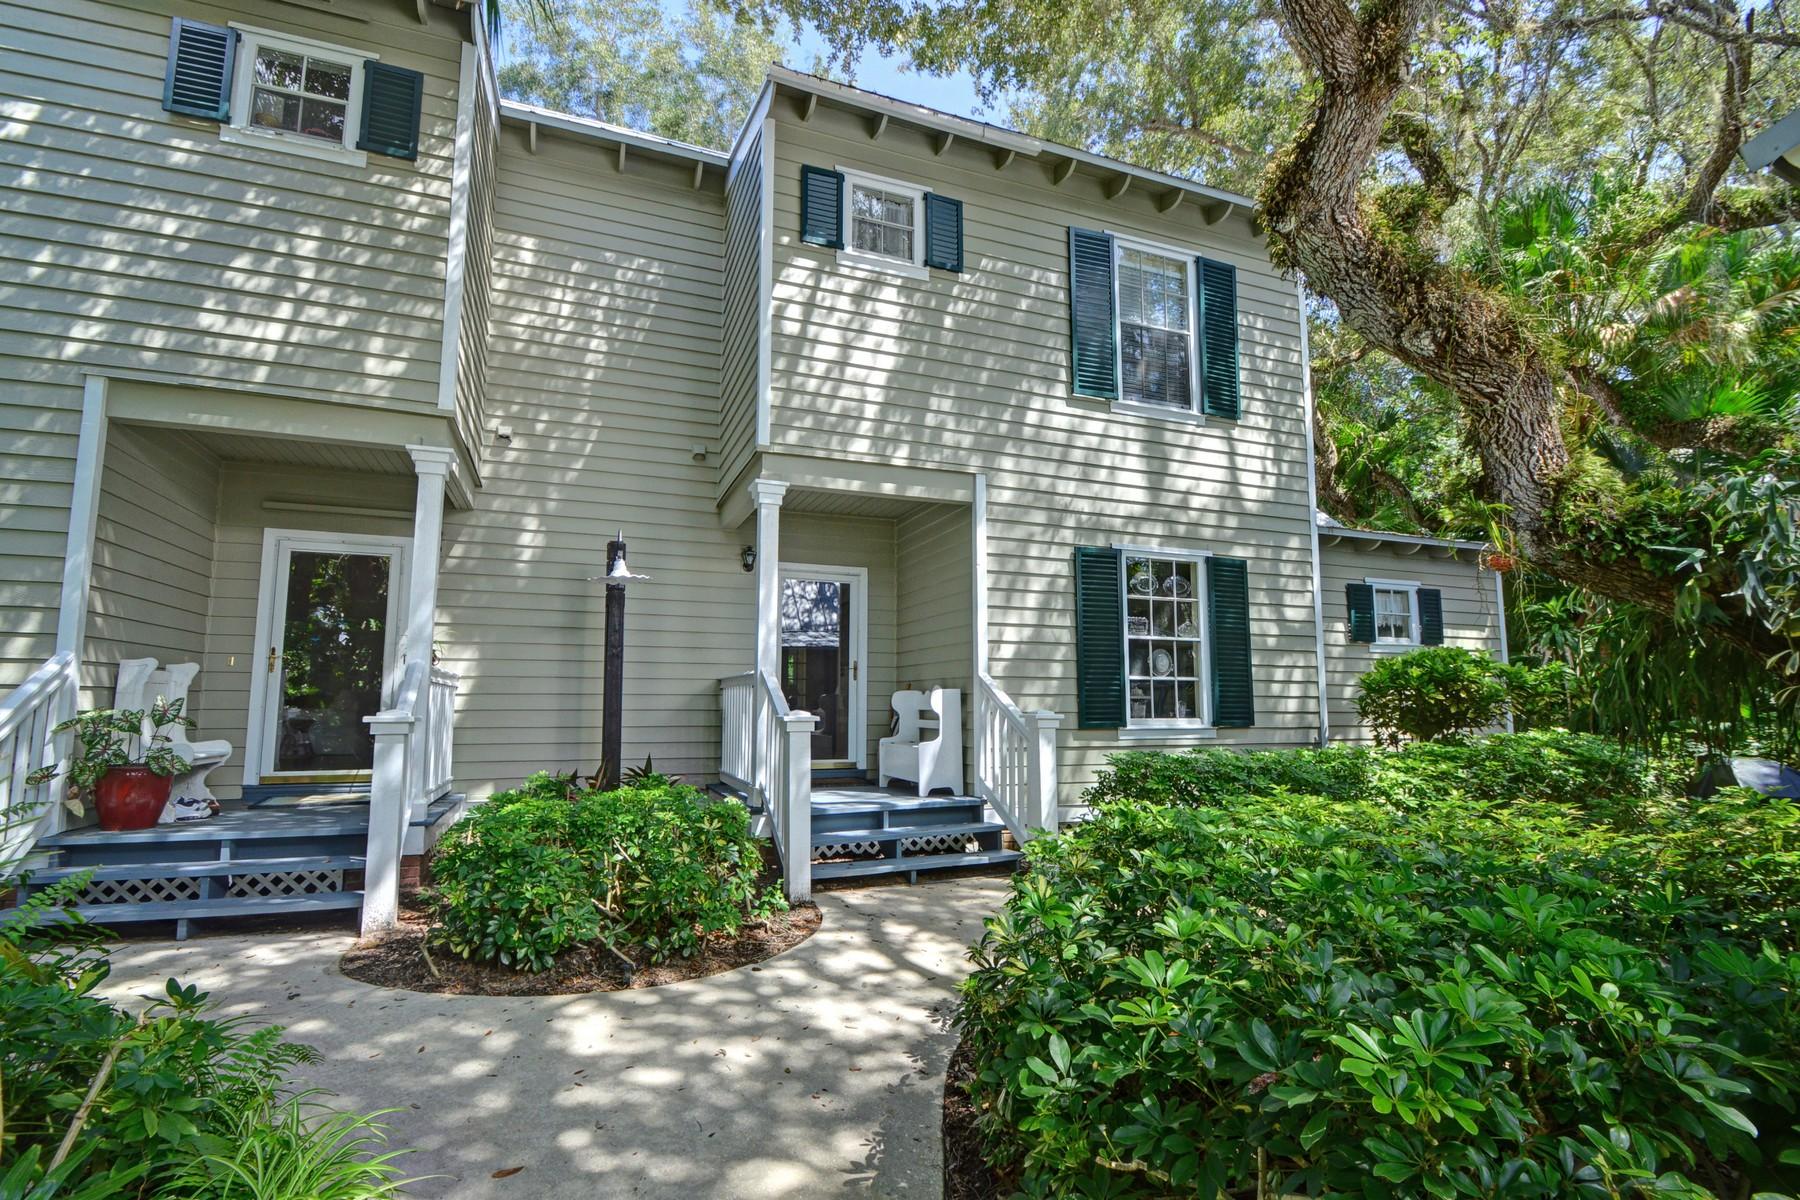 Maison unifamiliale pour l Vente à Updated cottage in Sea Oaks 1440 Fern Ct #302 Vero Beach, Florida 32963 États-Unis